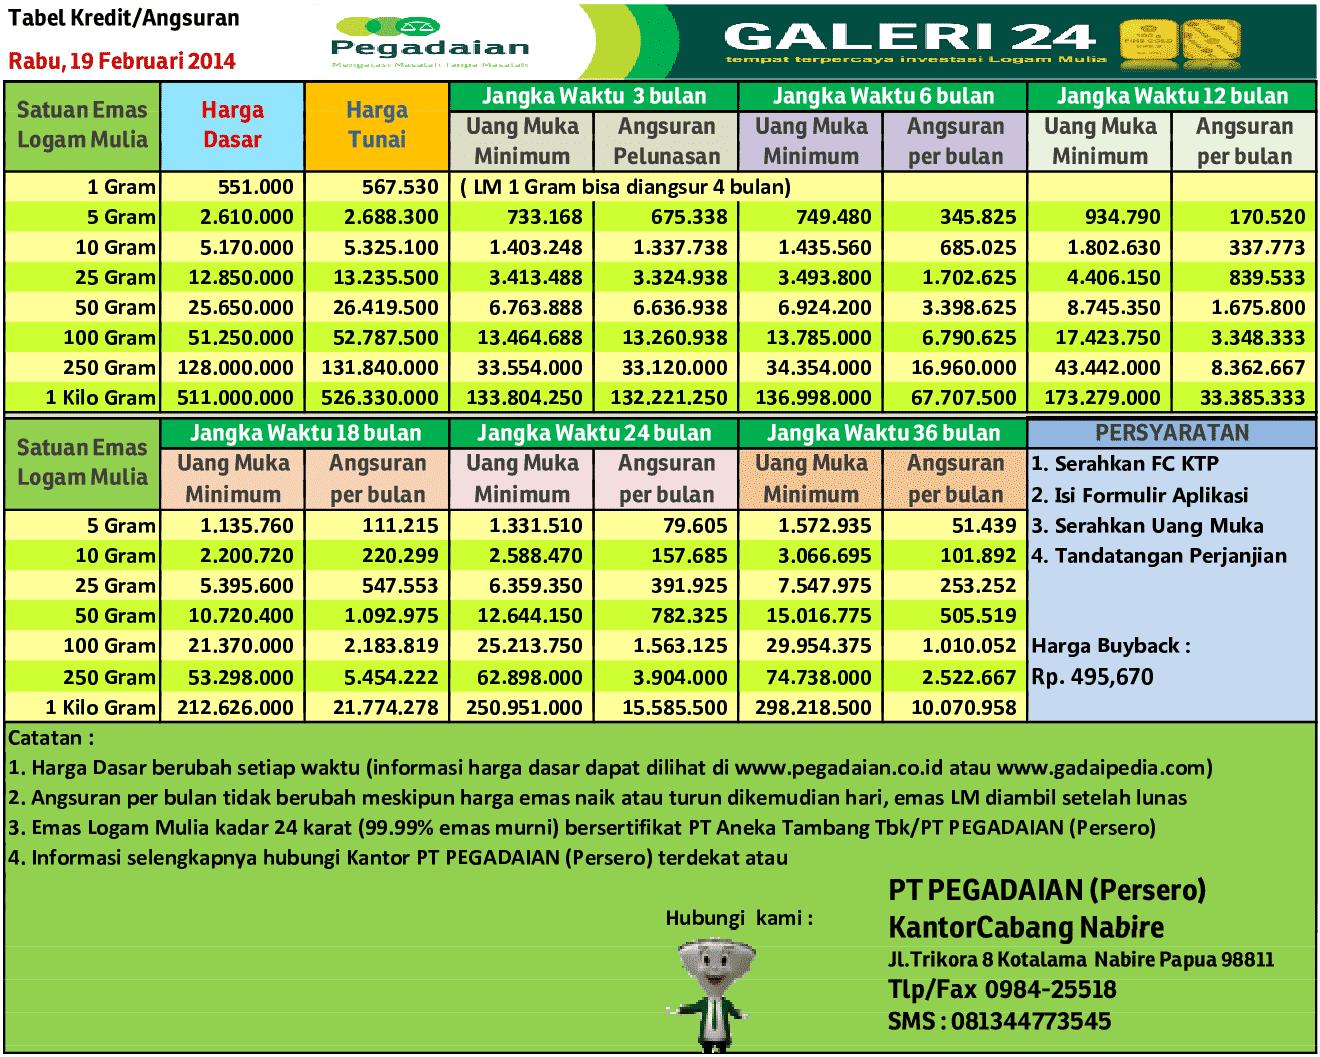 harga emas dan tabel kredit emas pegadaian 19 februari 2014